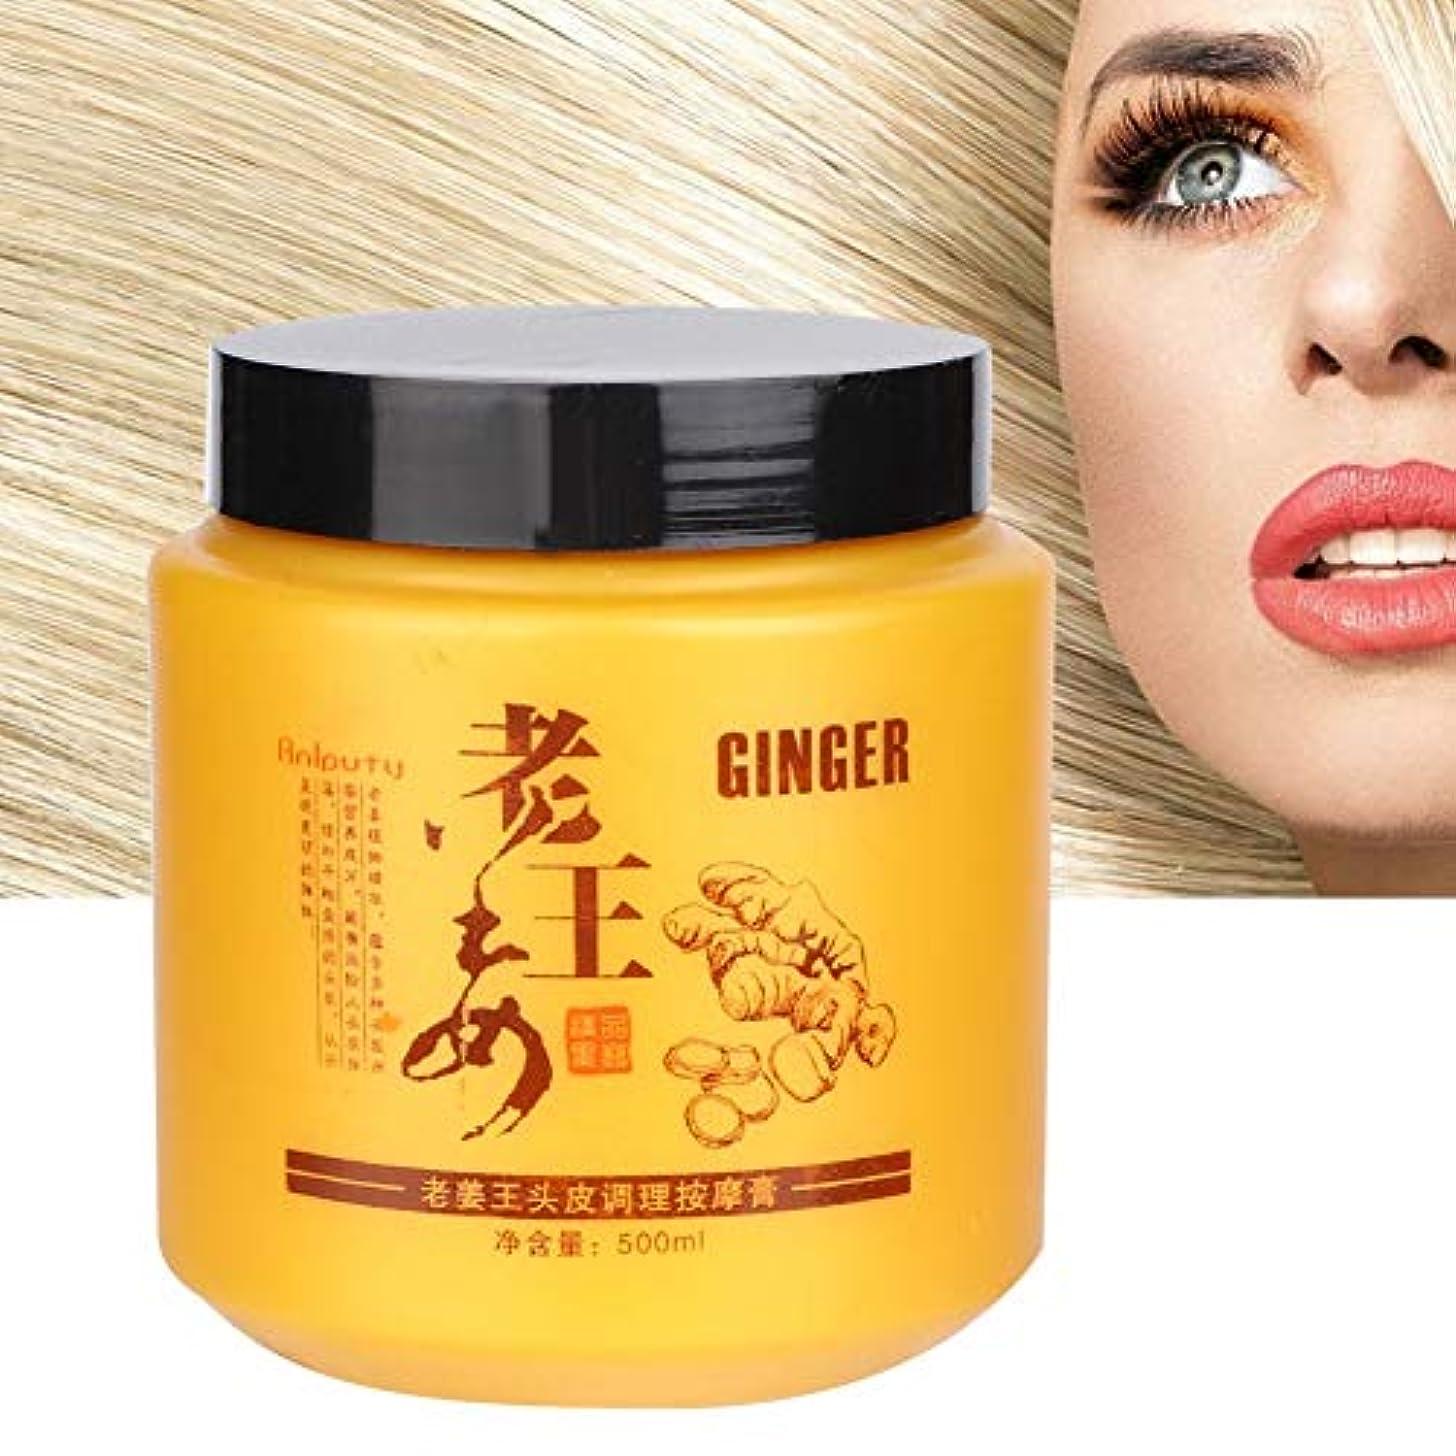 政令筋会うヘアマスク、保湿強化粘り強く修復ダメージを受けたヘアマスク用女性頭皮コンディショニングマッサージクリーム500ミリリットル